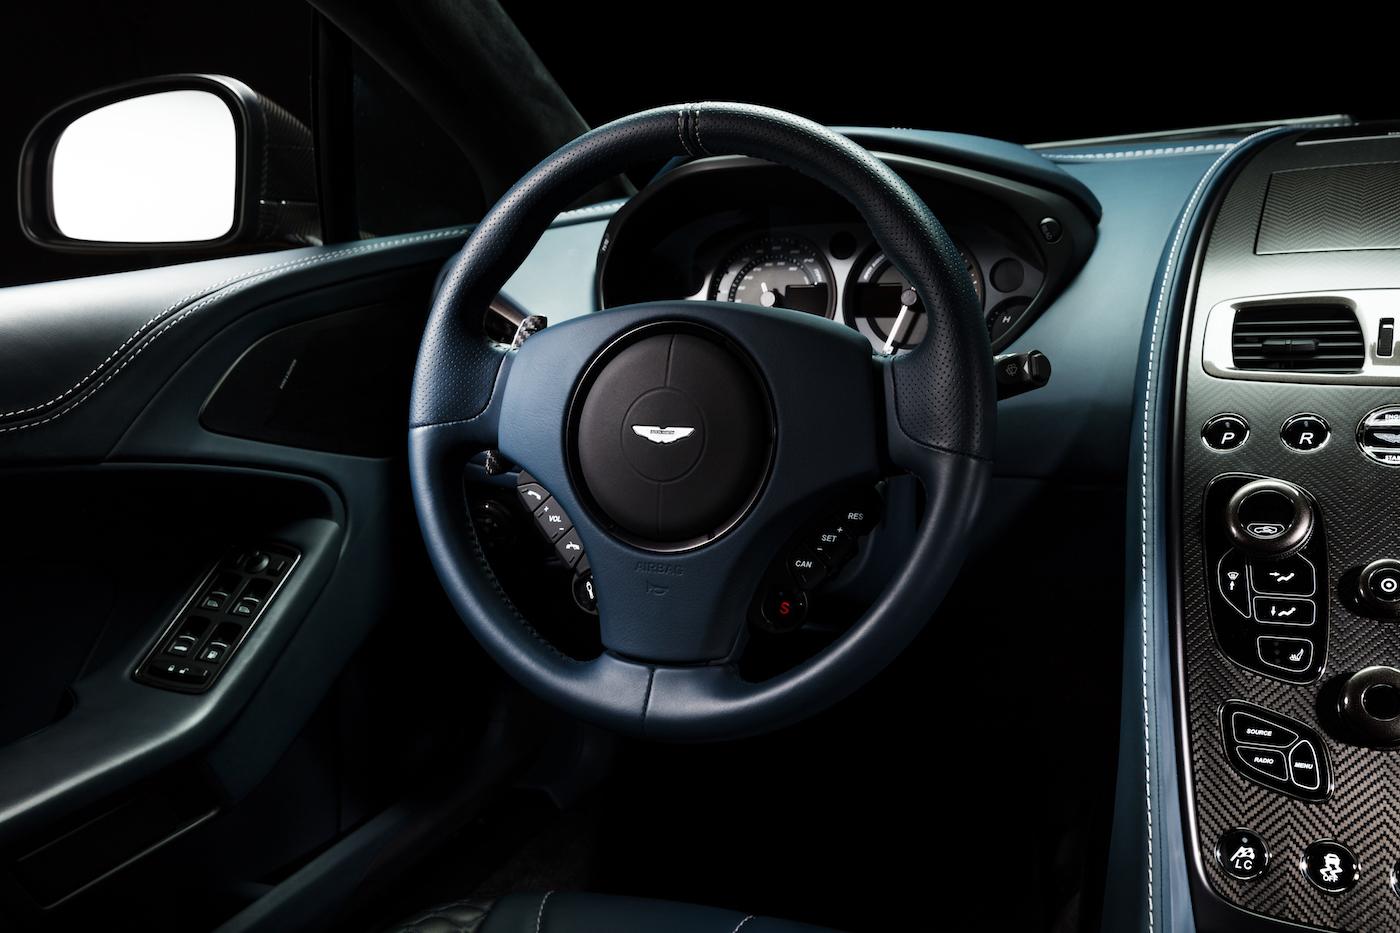 007: Daniel Craig's Aston Martin Vanquish wird in New York versteigert 6